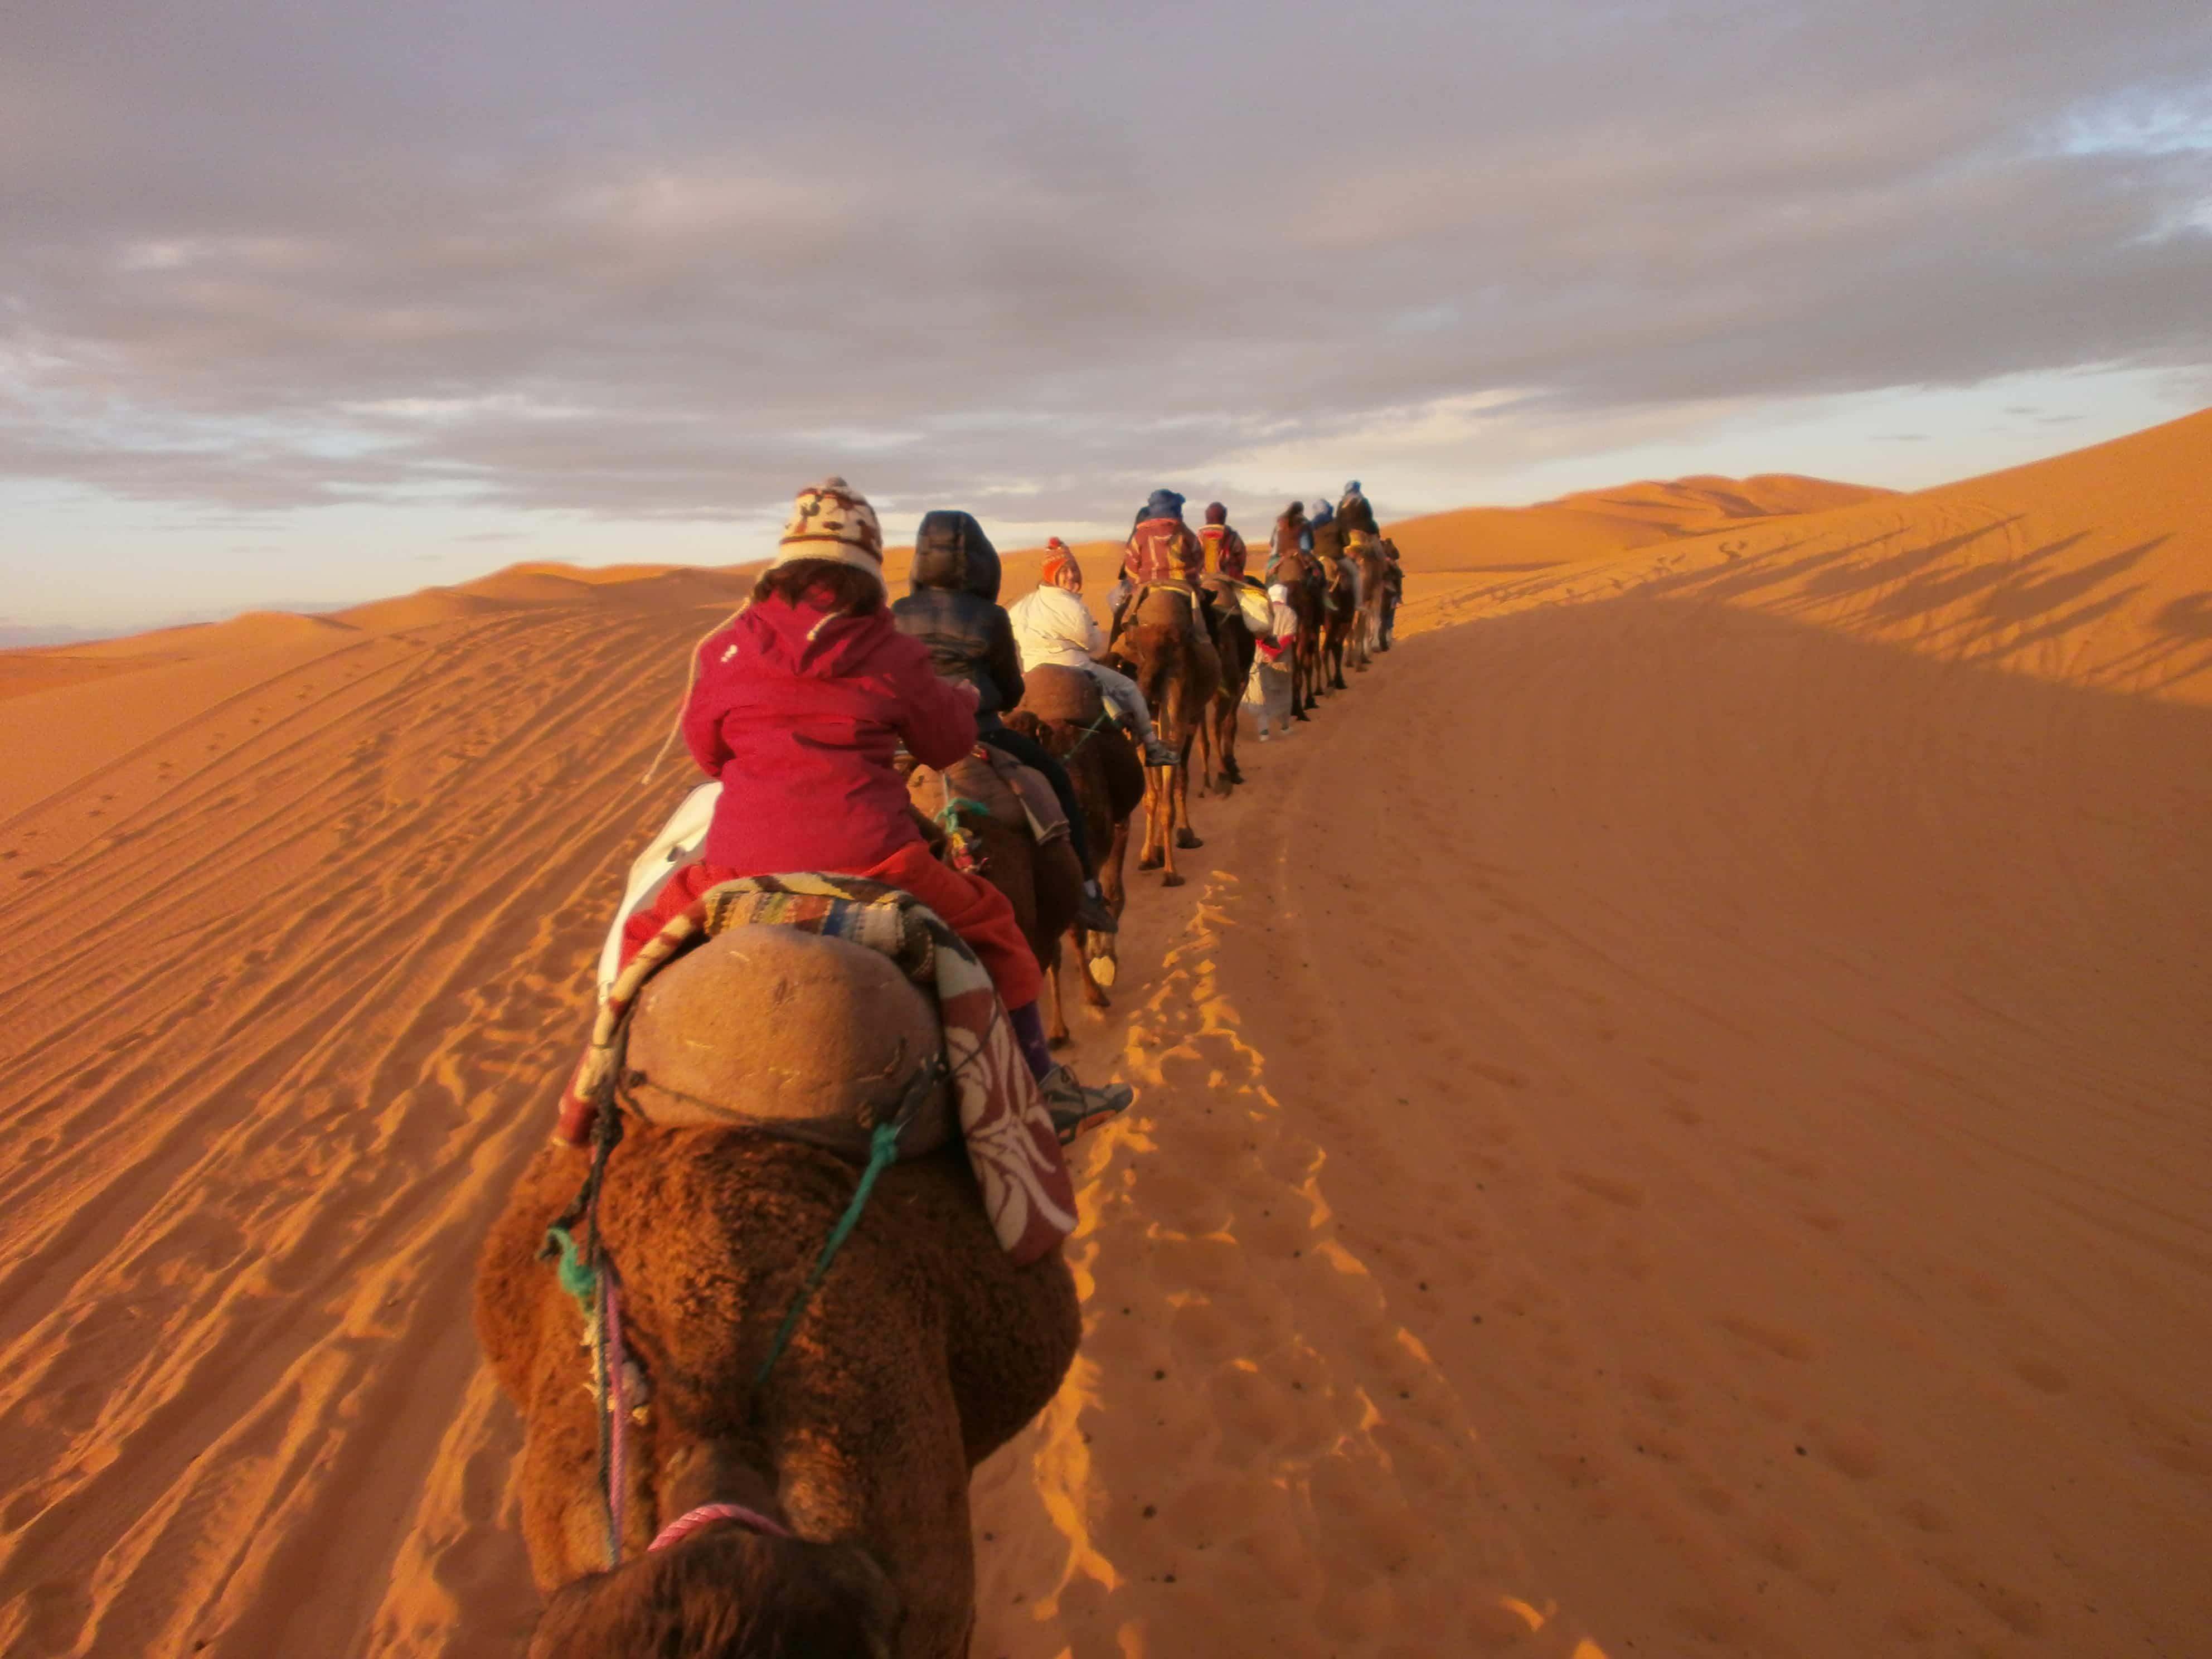 Mehari viaggio  Attraversando il deserto del Sahara